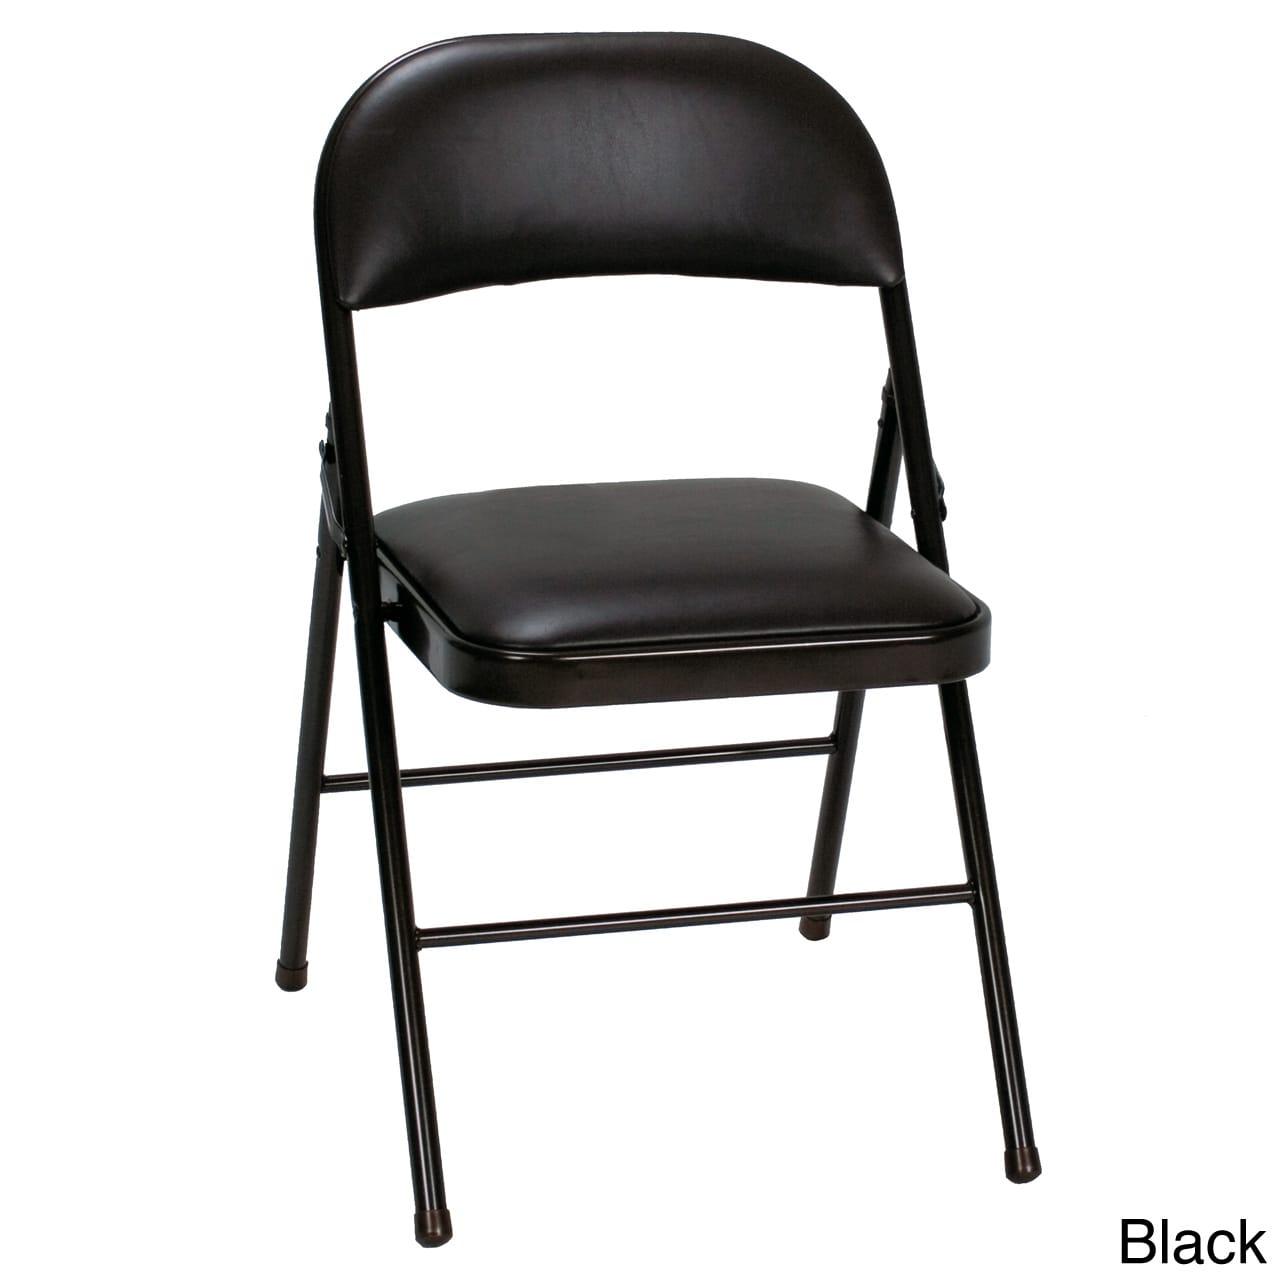 Fabulous Cosco Vinyl Folding Chair 4 Pack Antique Linen Blackuse Of Inzonedesignstudio Interior Chair Design Inzonedesignstudiocom